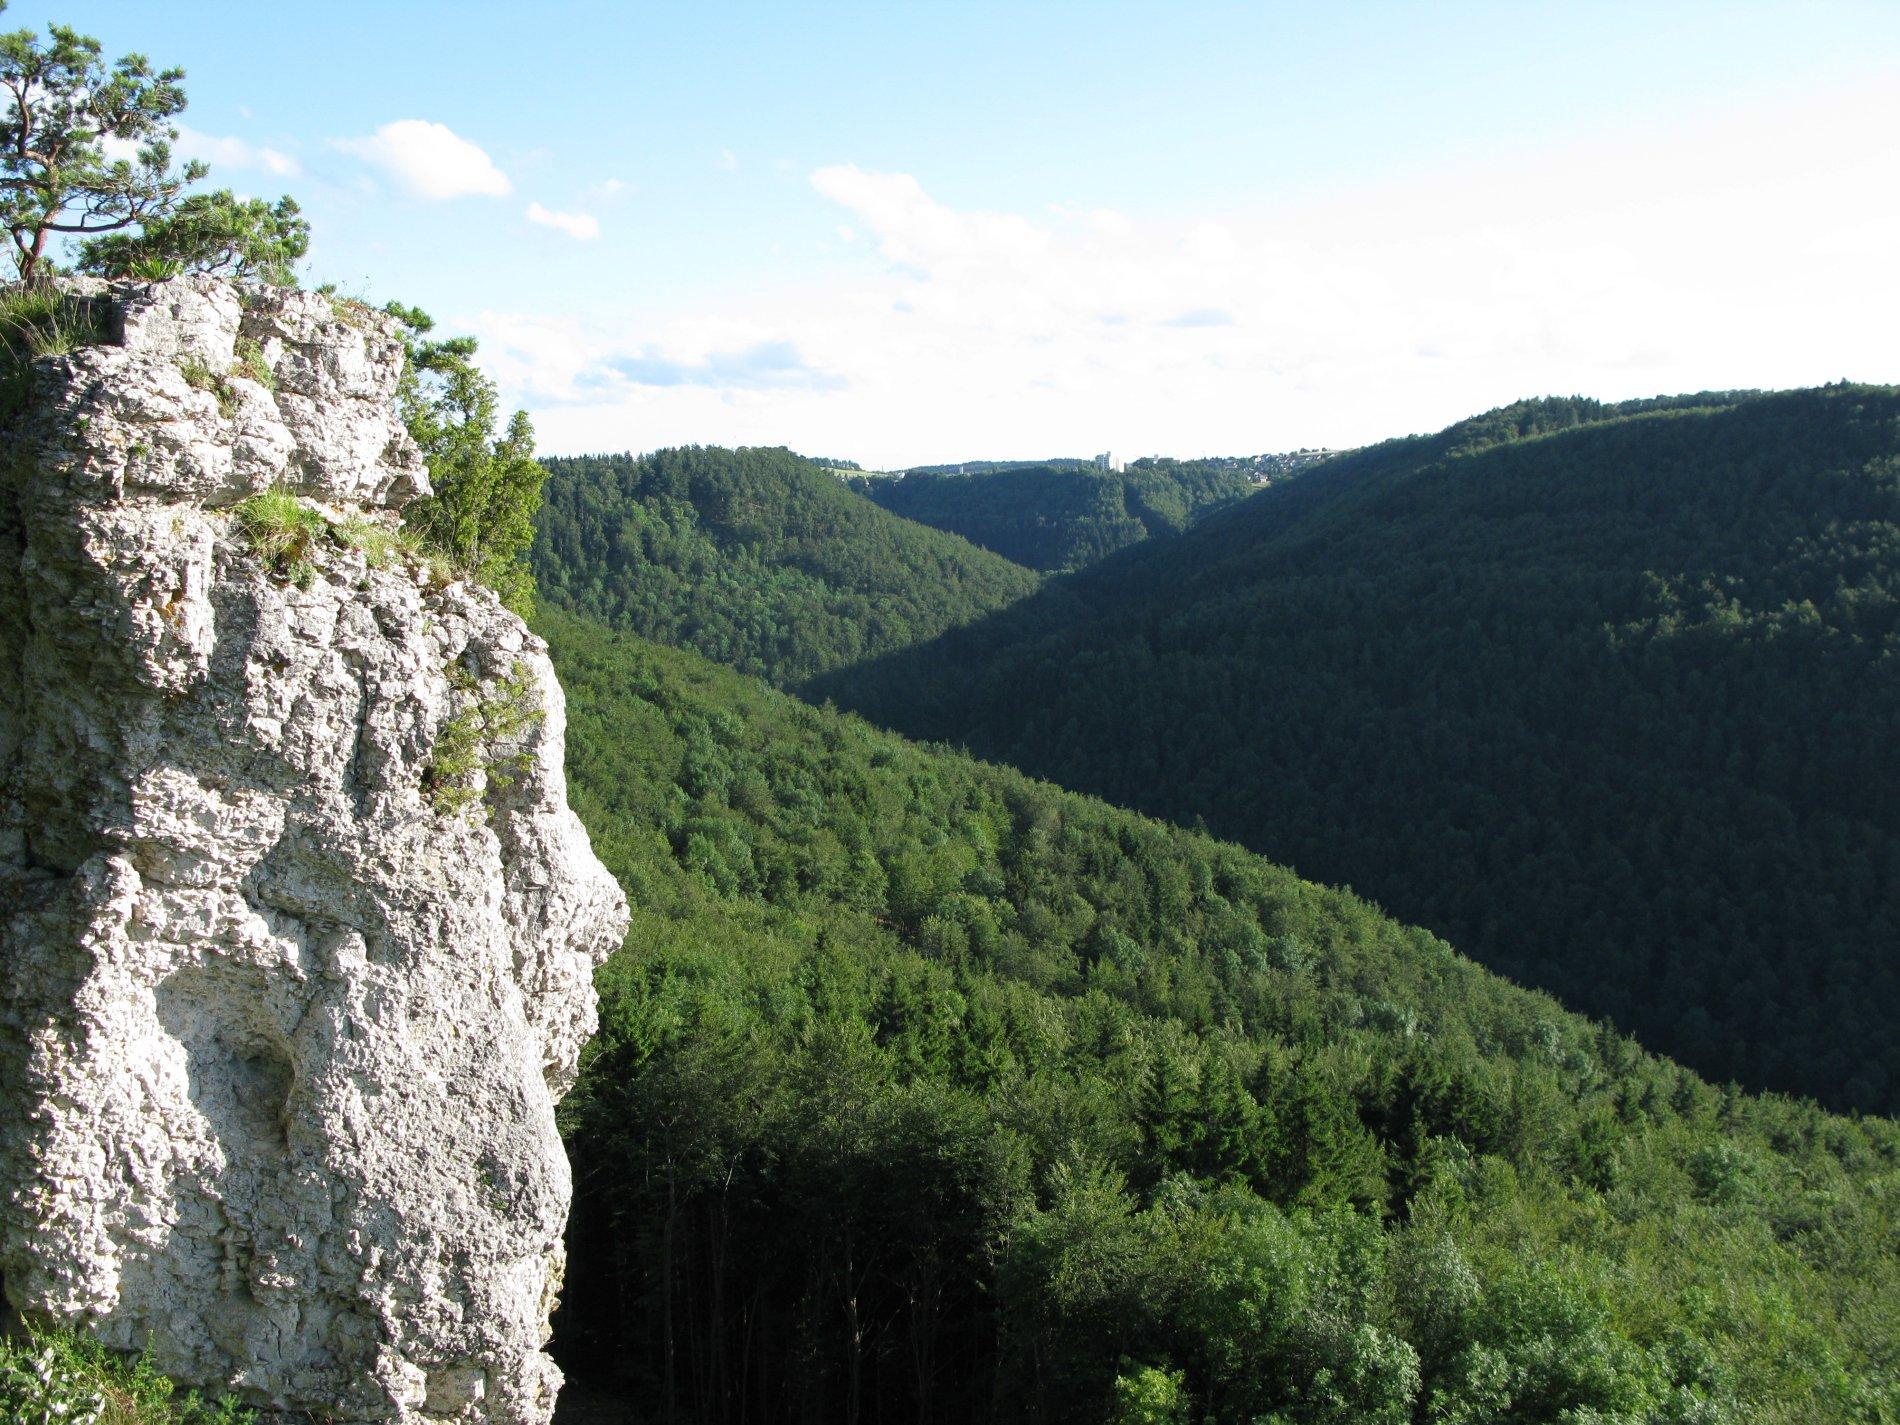 Blick vom Torfelsen über bewaldete Berge nach Meßstetten